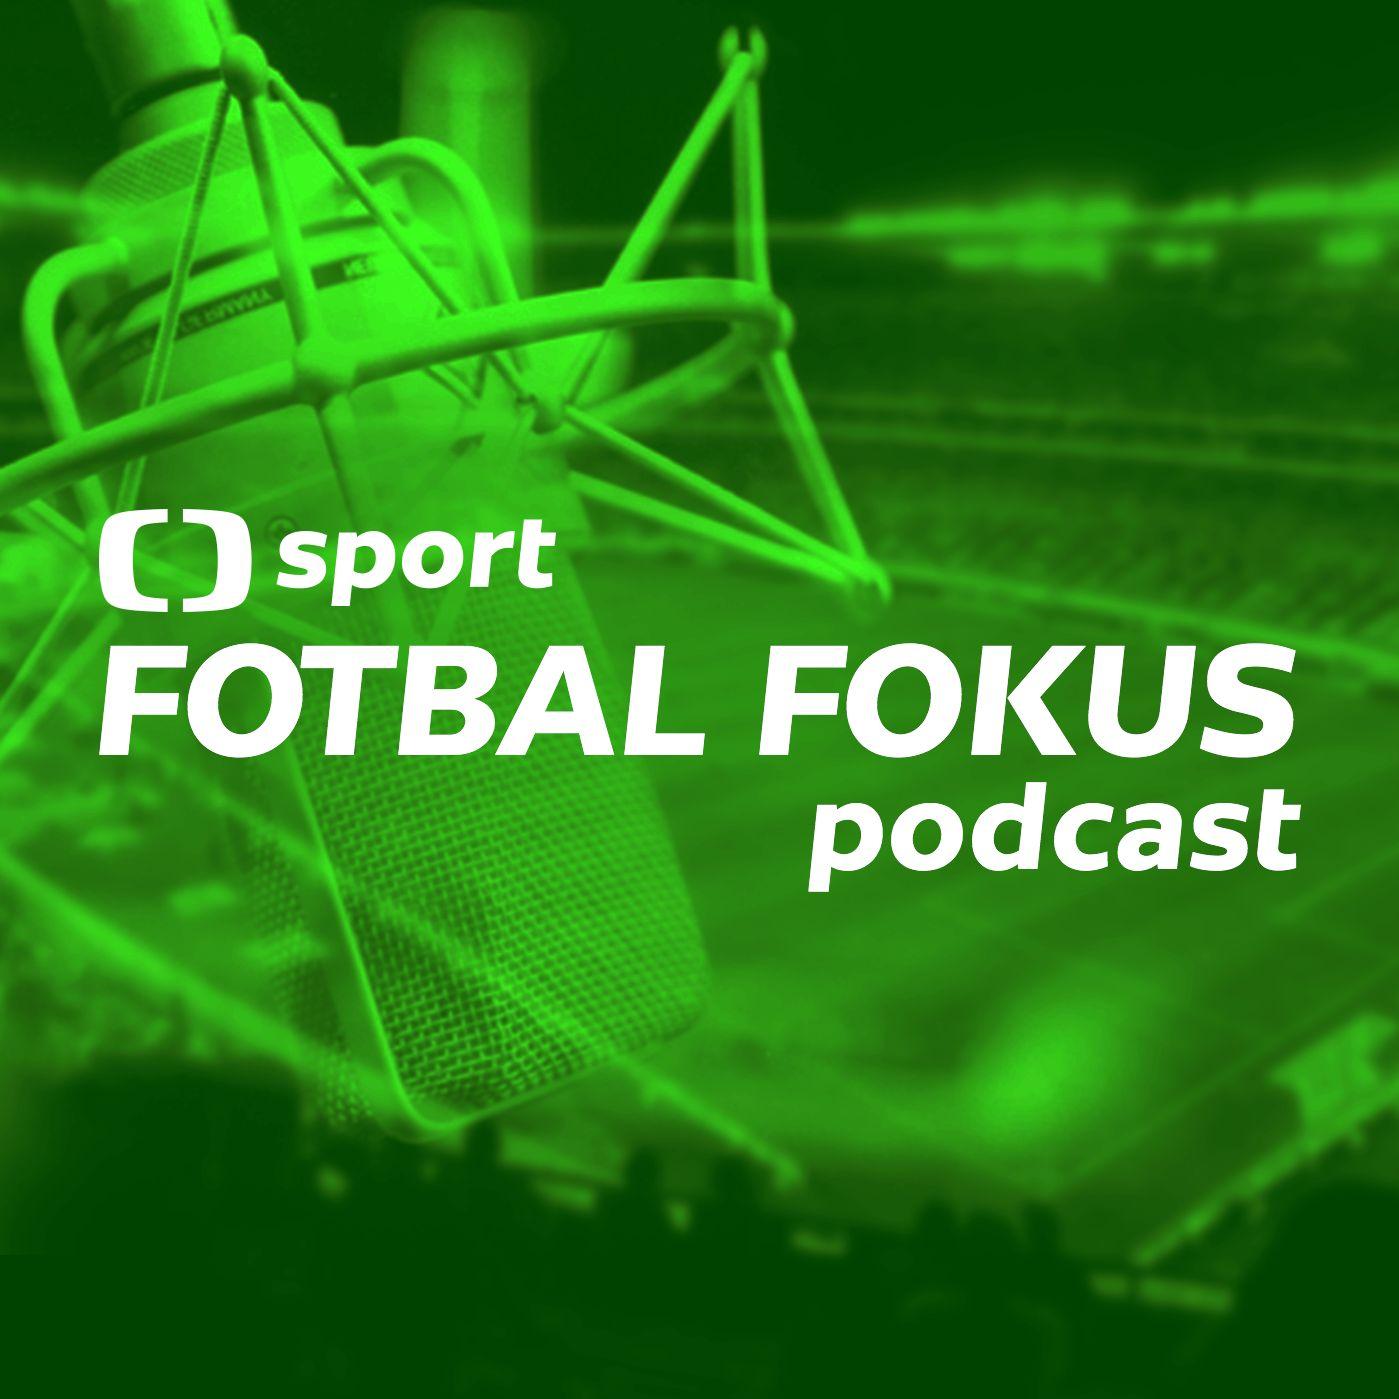 Fotbal fokus podcast: Plzeň, Slavia nebo Sparta. Kdo bude na jaře slavit titul?